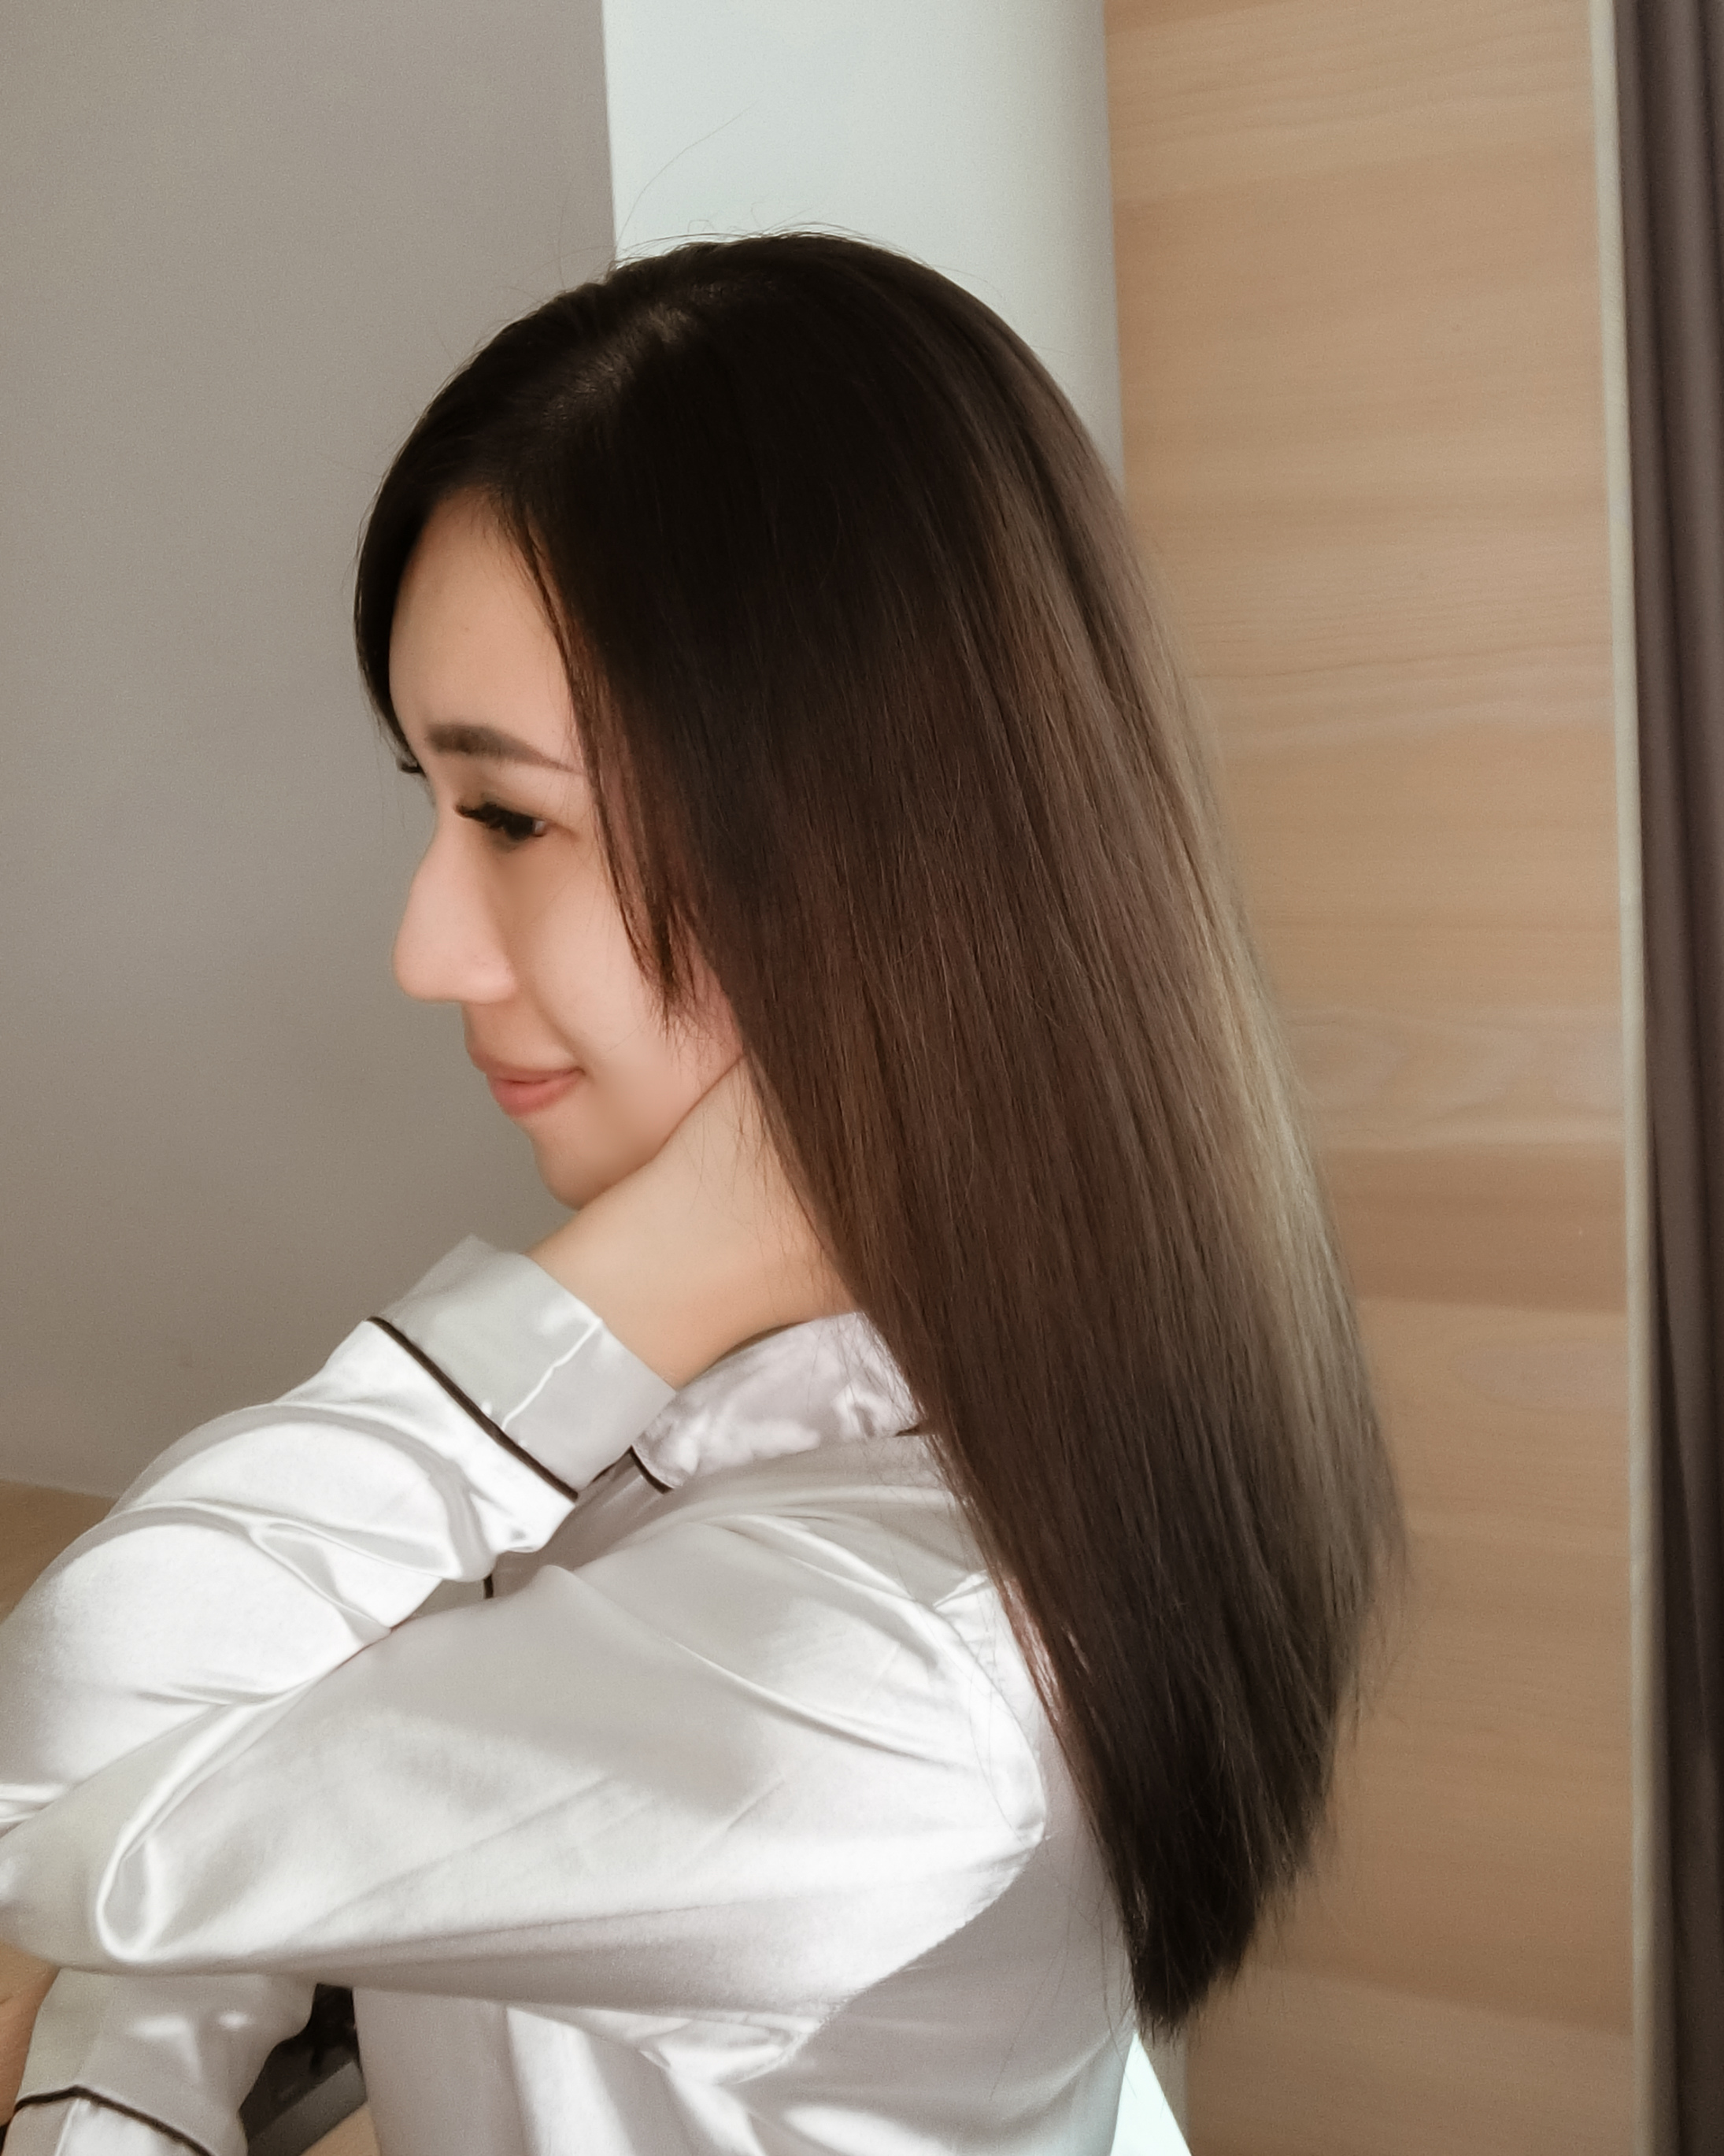 髮況皇后 LIKEY 萊客 洗髮精 護髮膜 精華露 打造輕柔秀髮三步驟21.JPG